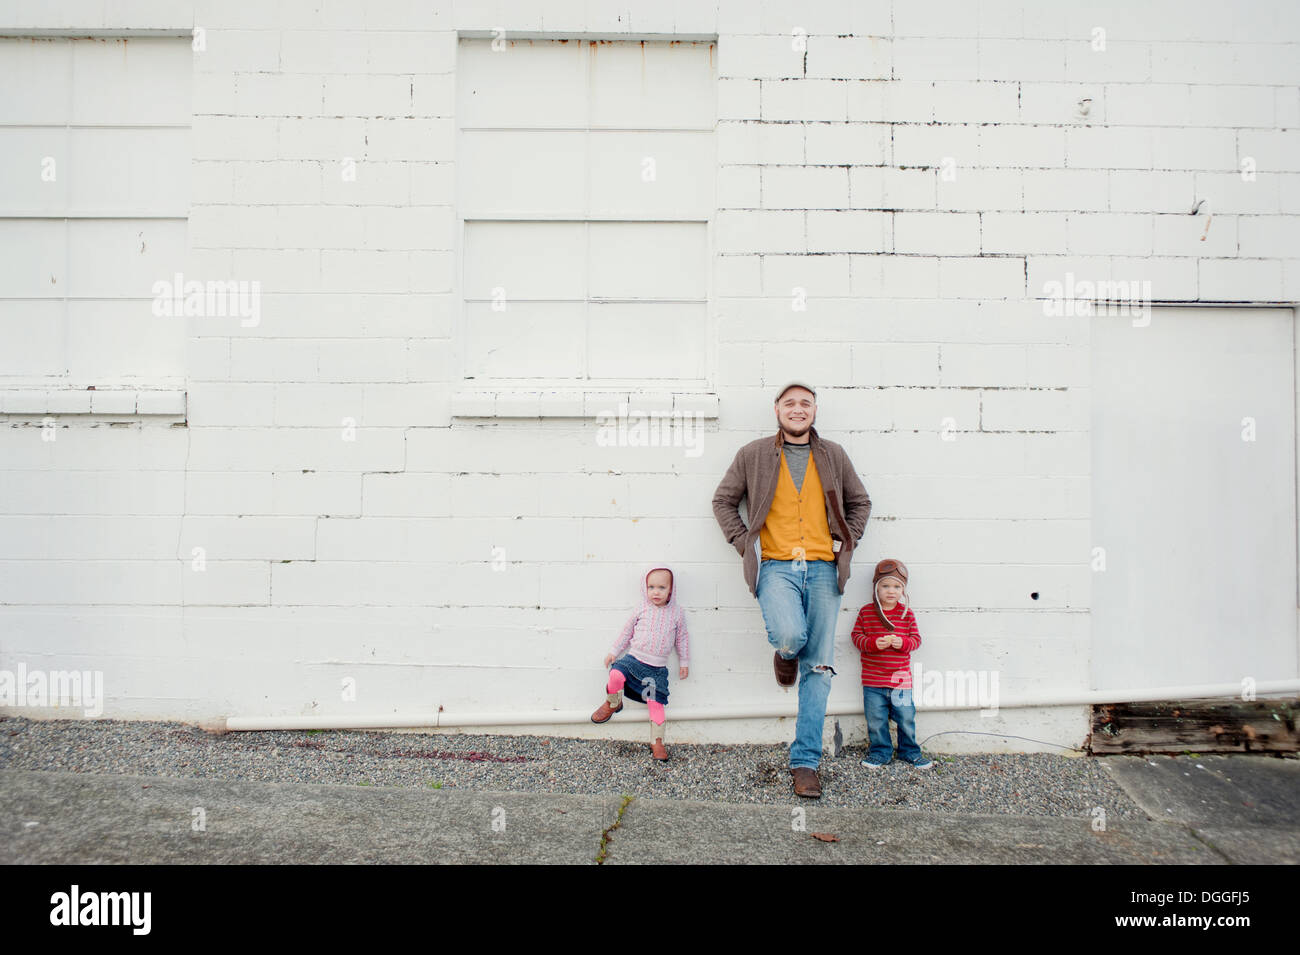 Mitad hombre adulto y su hijo e hija recostada contra la pared, Retrato Imagen De Stock